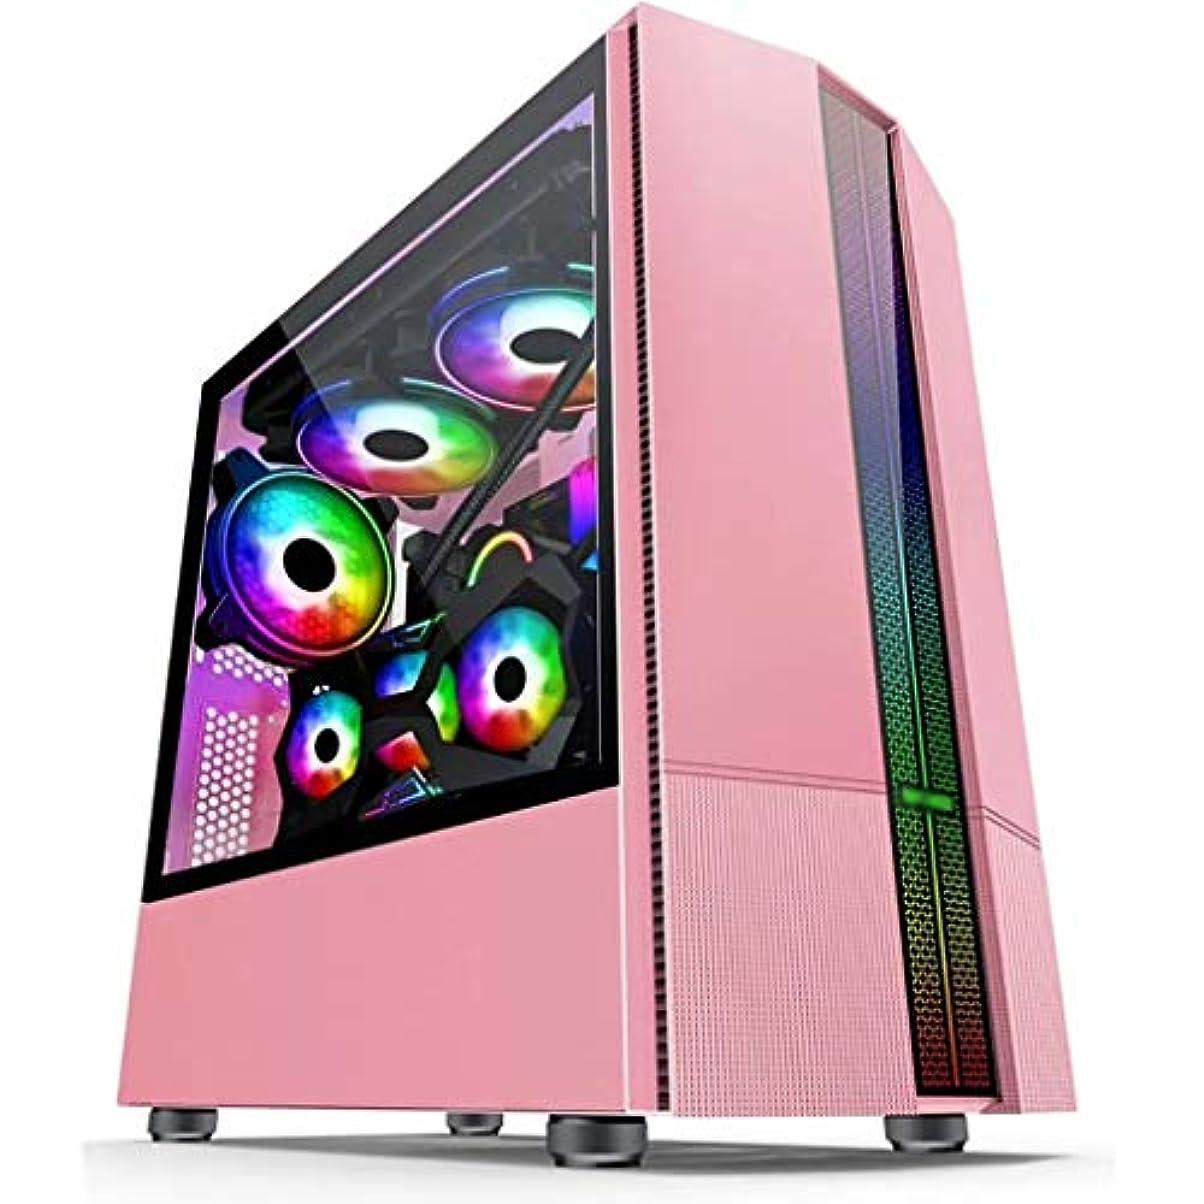 受け入れ最も上回るピンクのATXミドルタワーPCゲーミングケース、全透明な強化ガラスサイドパネル&RGBフロントパネル磁気ダストフィルタ、水冷準備